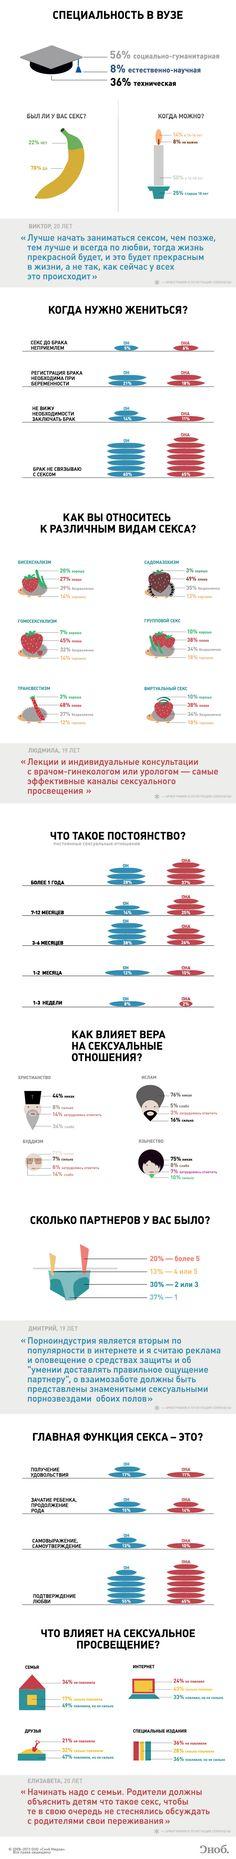 http://5coins.ru/2012/12/06/mneniya-moskovskix-studentov-o-sekse/